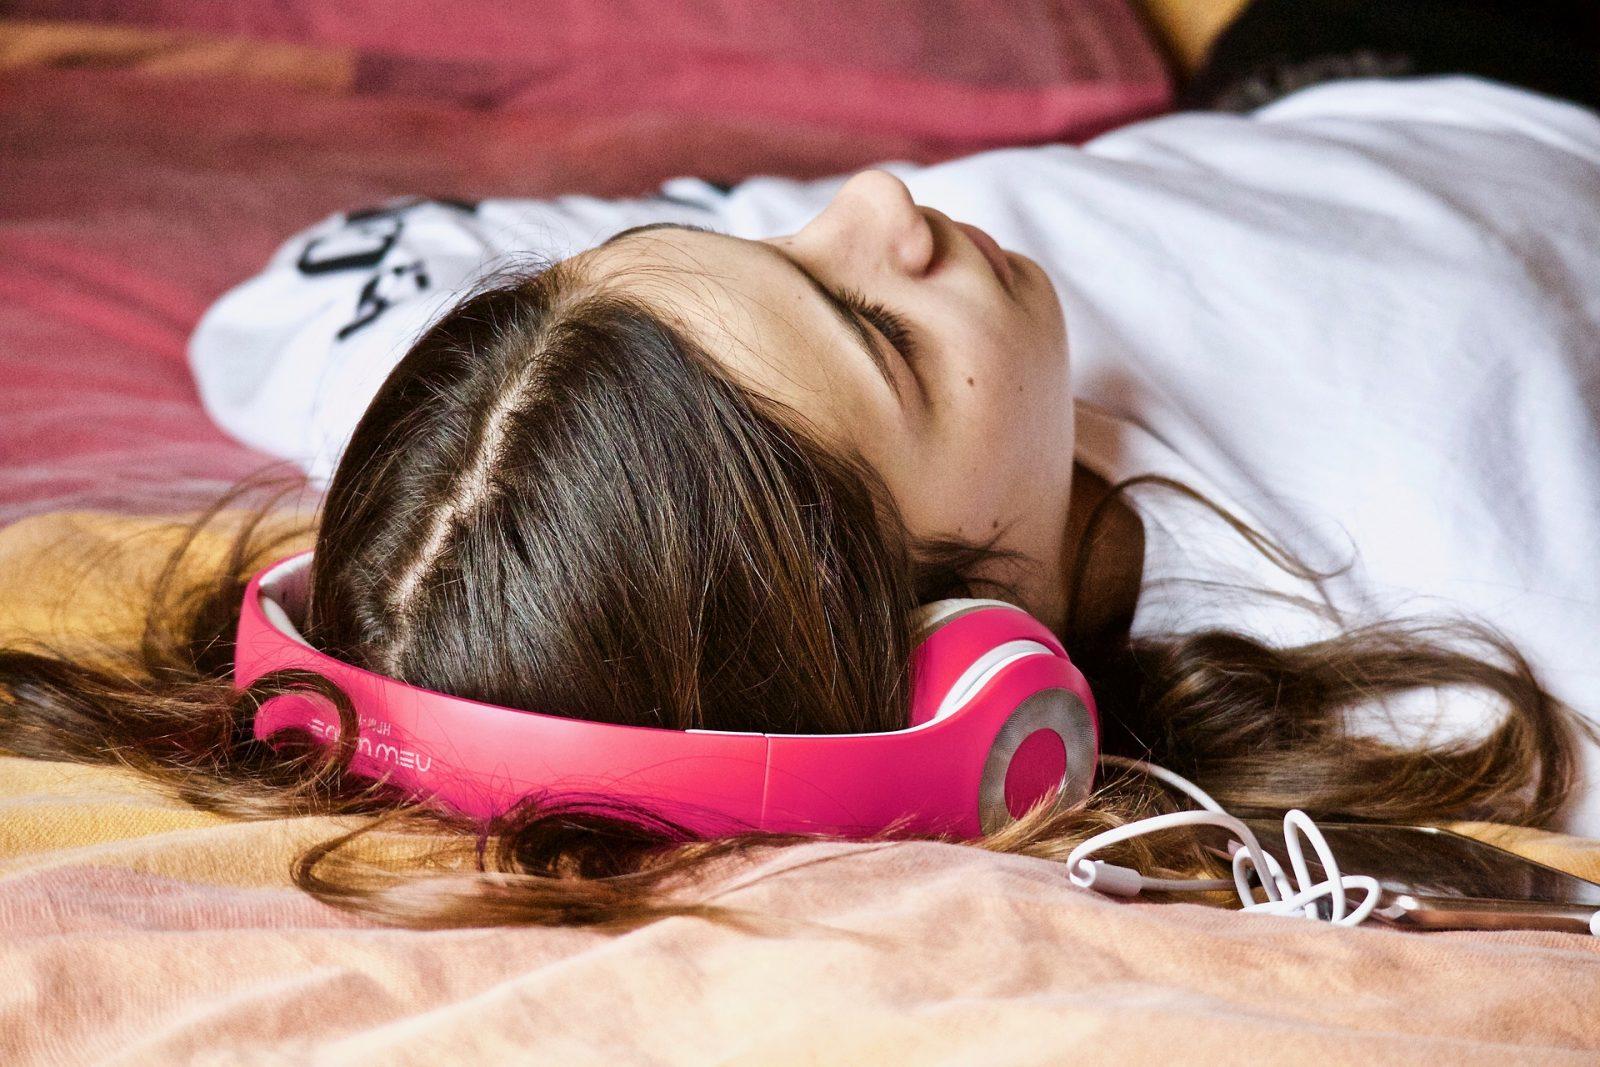 tinilány fekszik az ágyon fülhallgatóval a fején